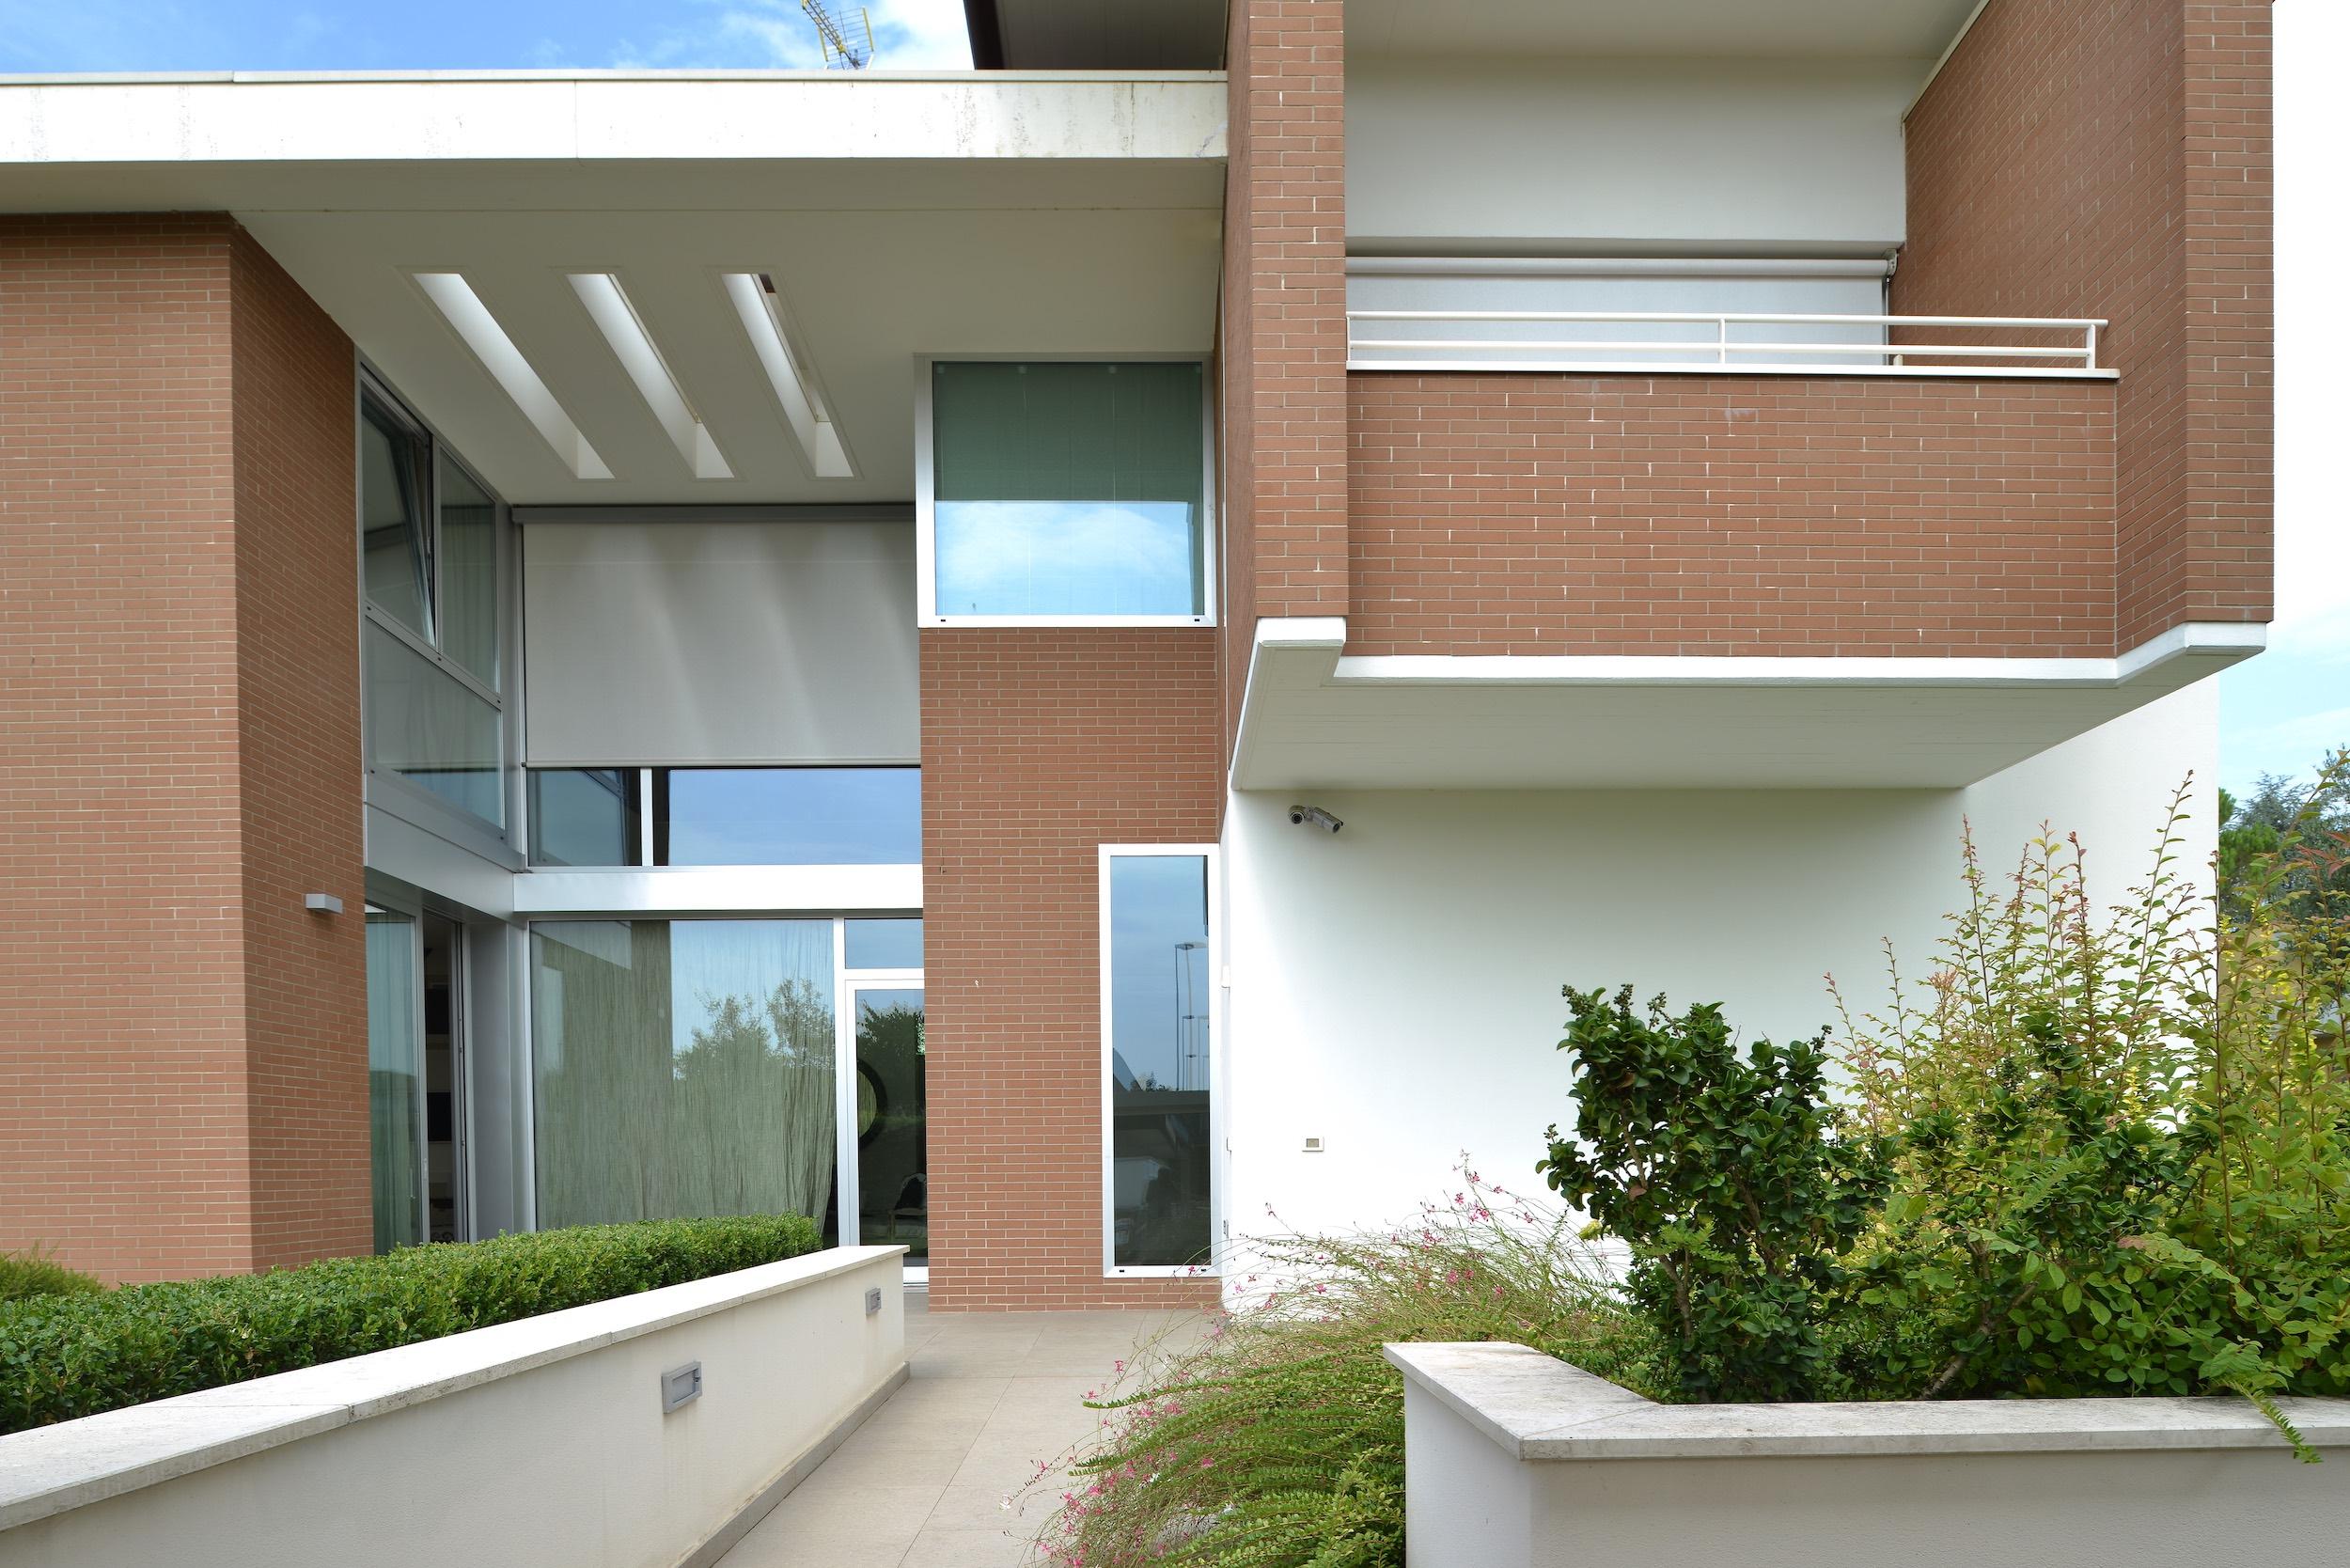 6683 Studio Bacchi Architetti Tura